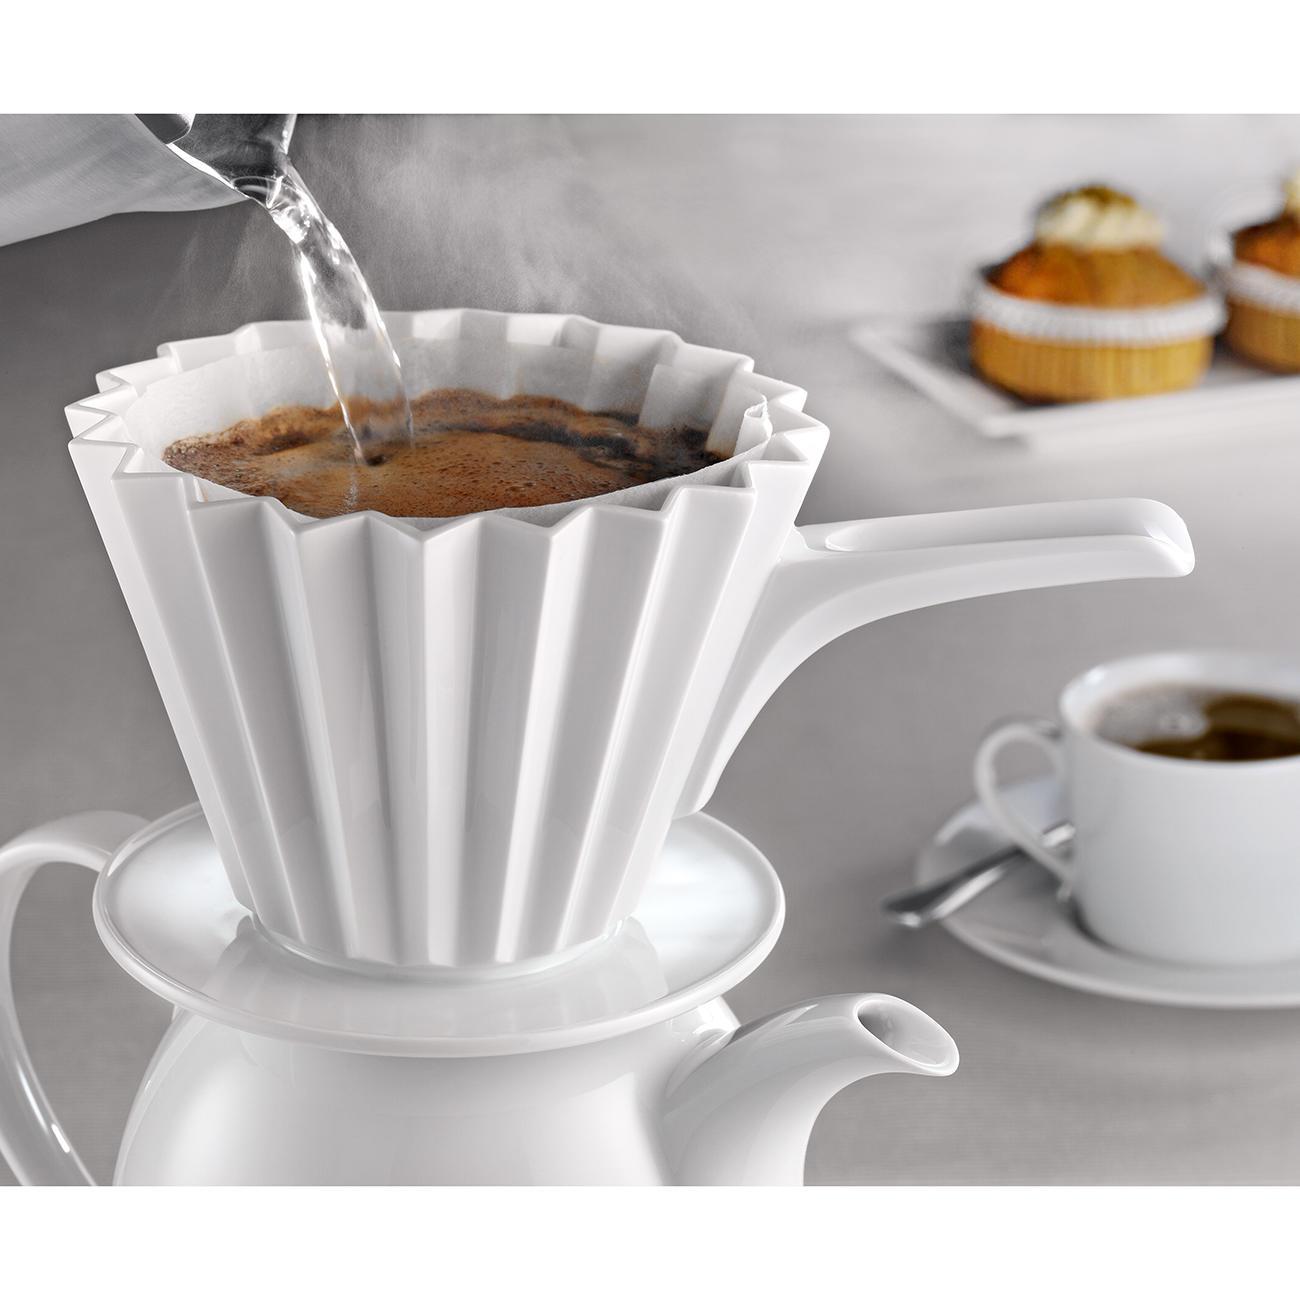 kpm kaffeefilter cafe berlin groesse  mit griff weiss